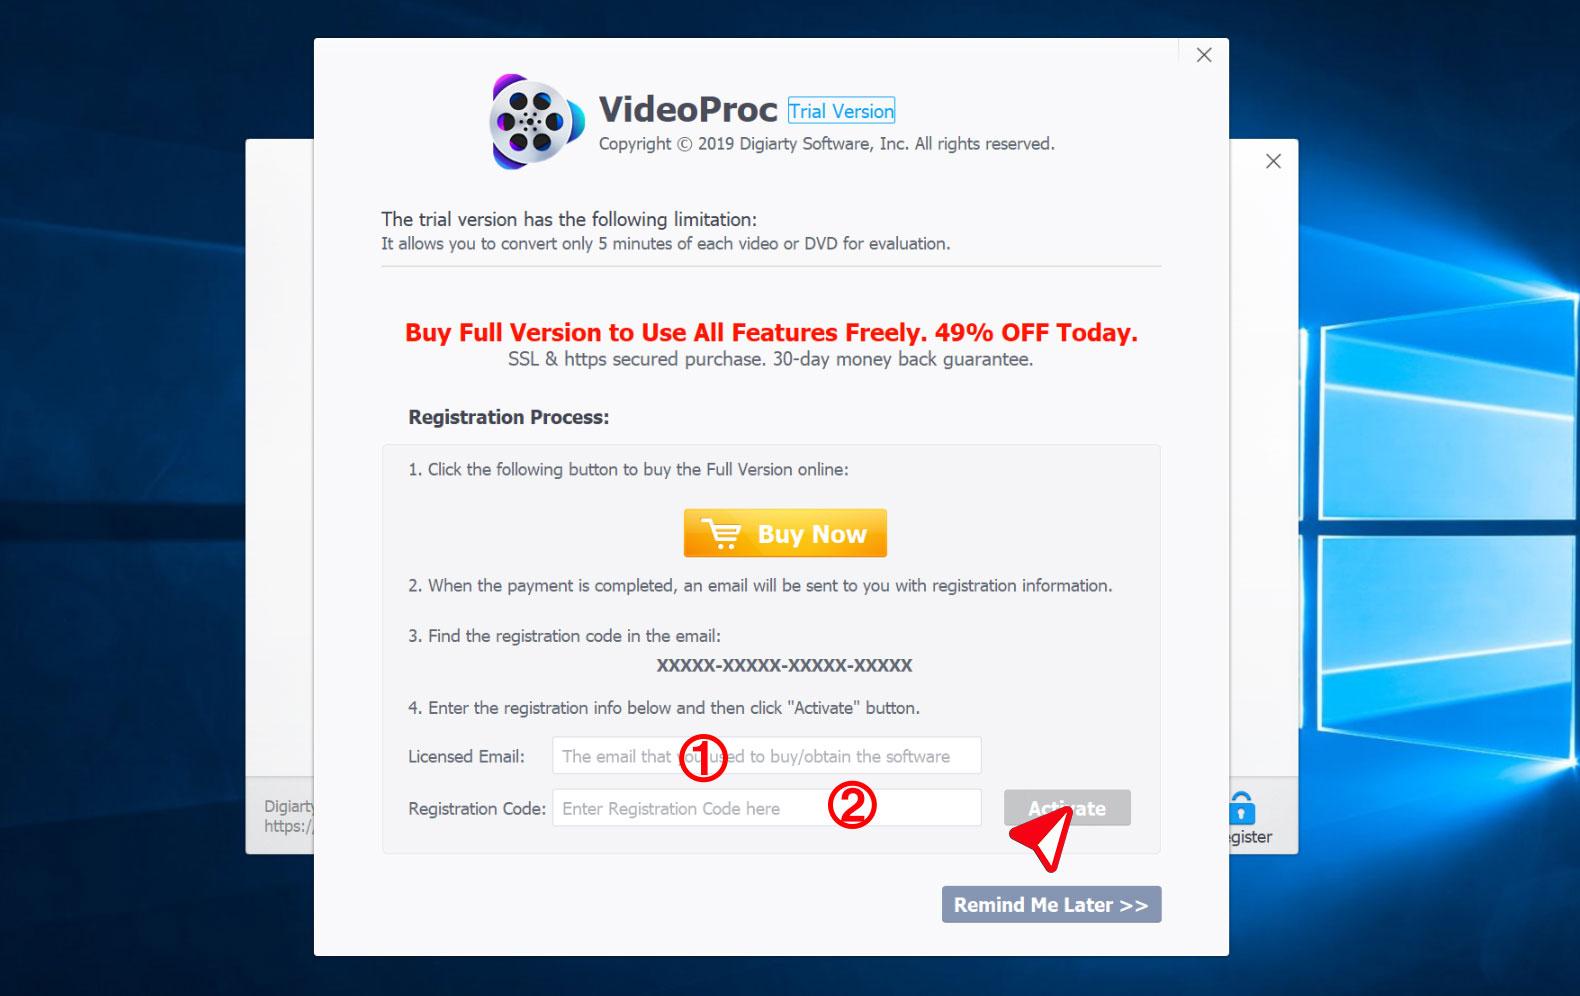 VideoProc: Phần mềm chỉnh sửa video chuyên nghiệp có giá 78.9 USD đang miễn phí bản quyền, mời anh em tải về